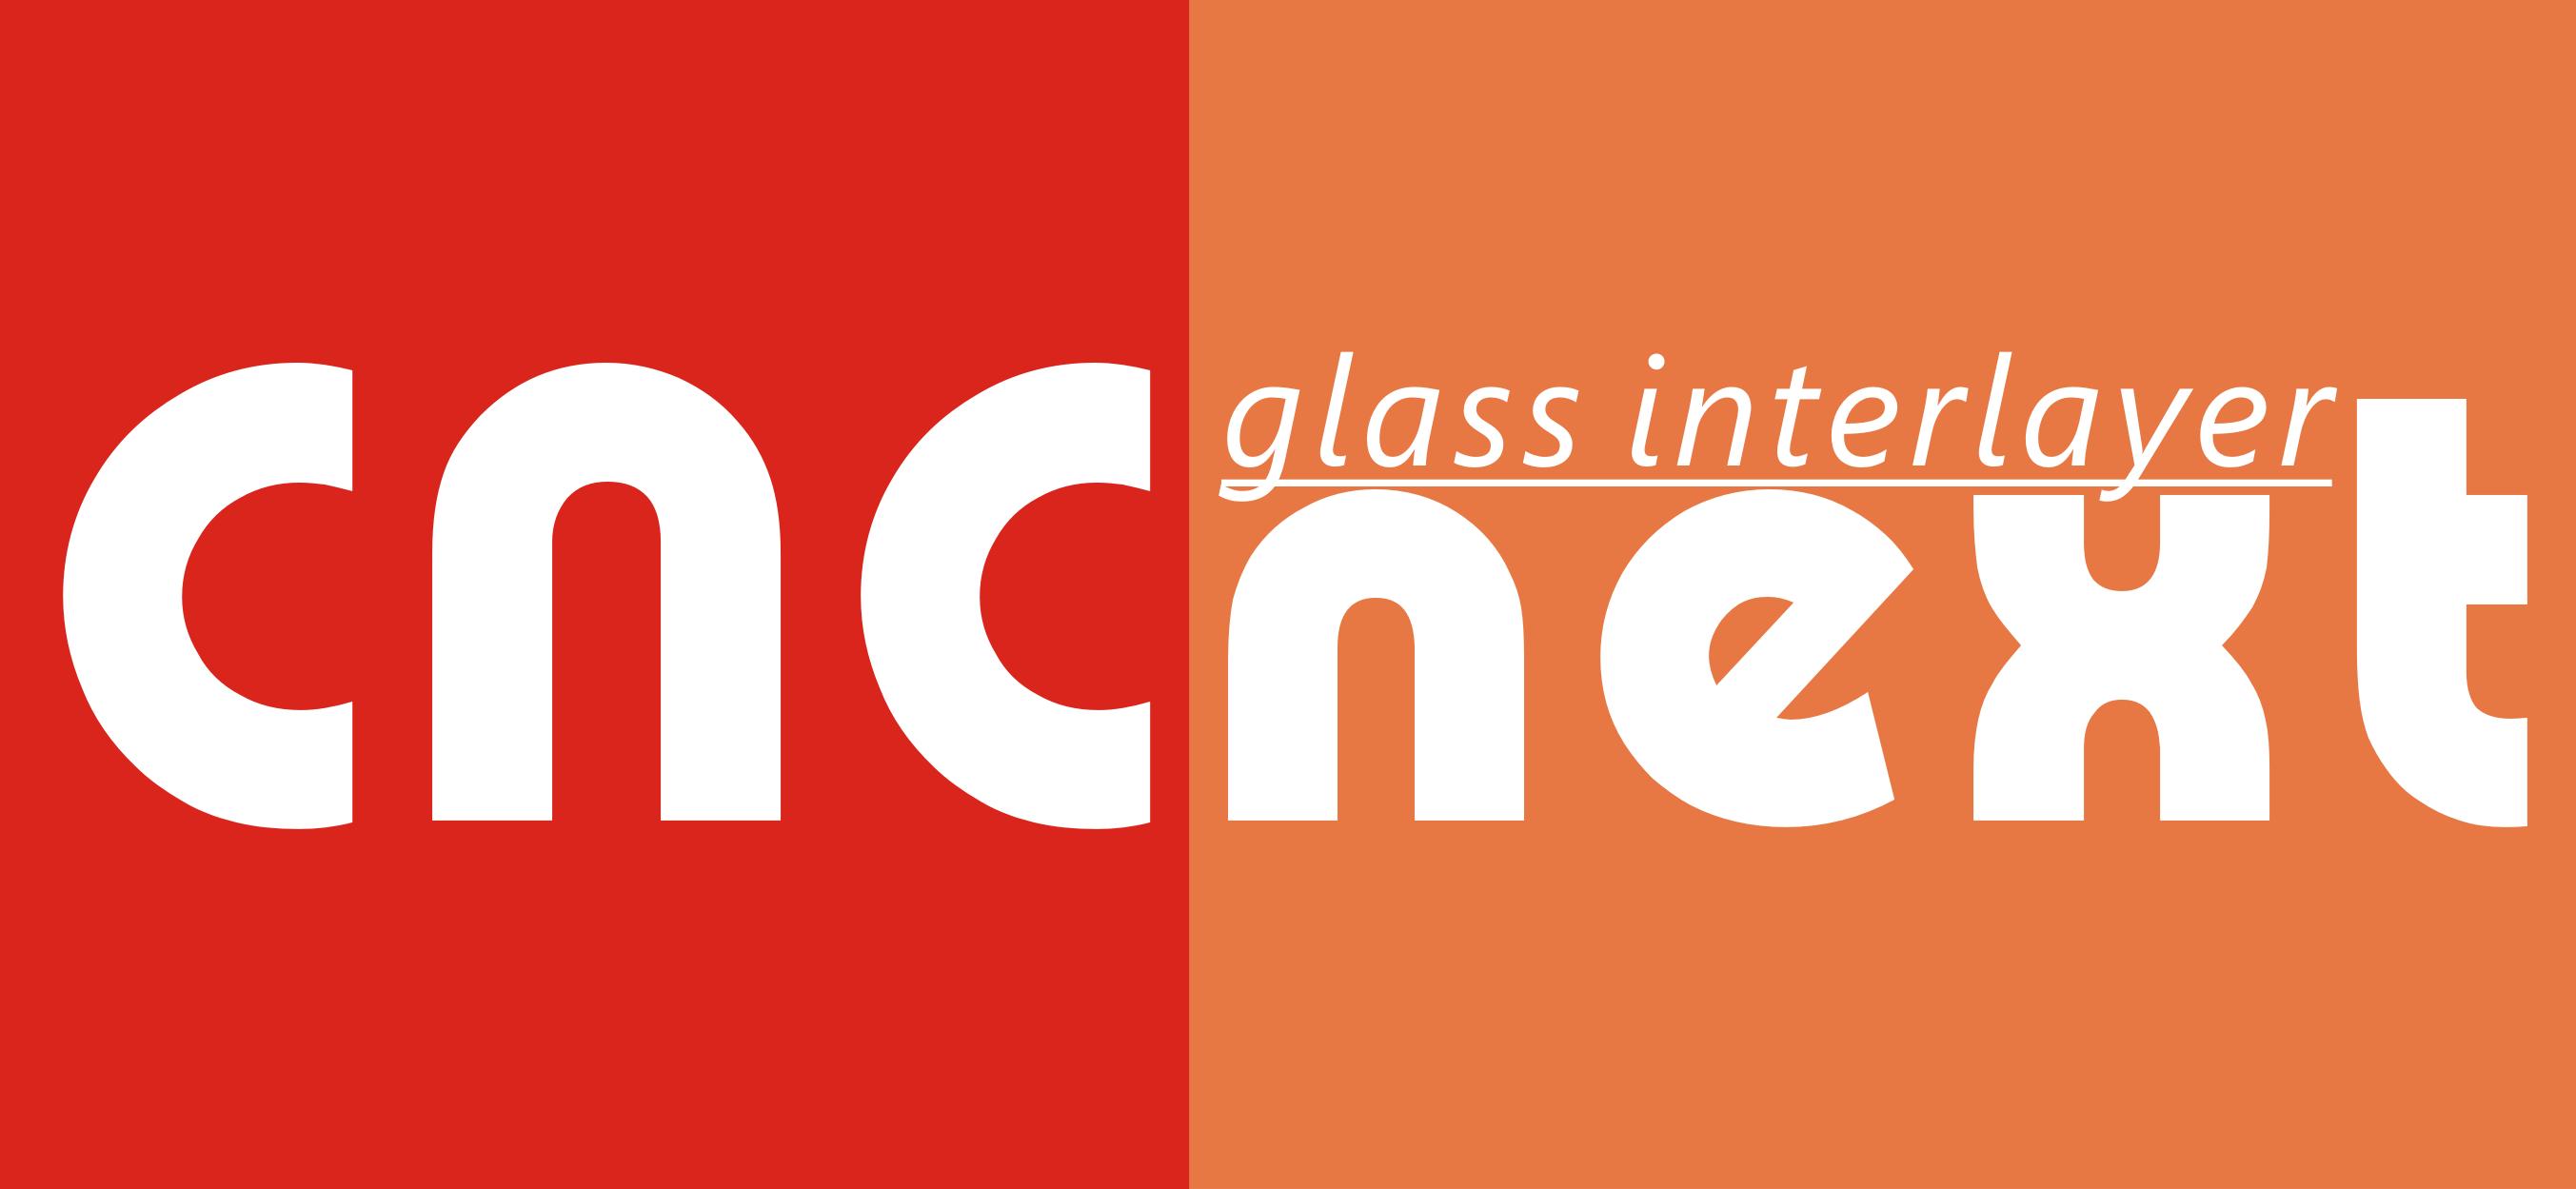 CNCnext GLASS INTERLAYER